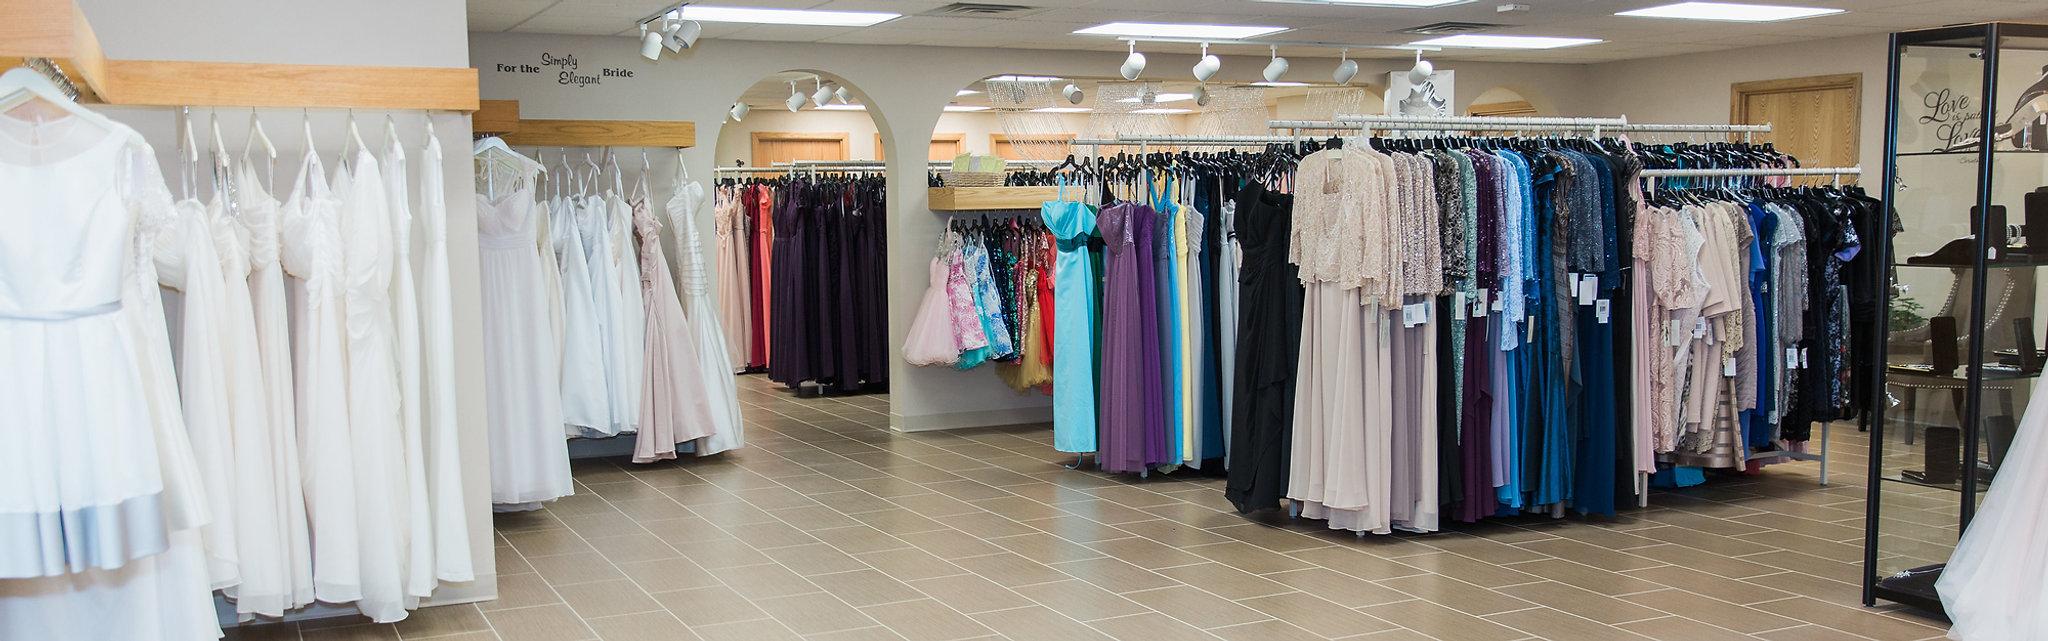 Our-main-showroom-floor-1.jpg